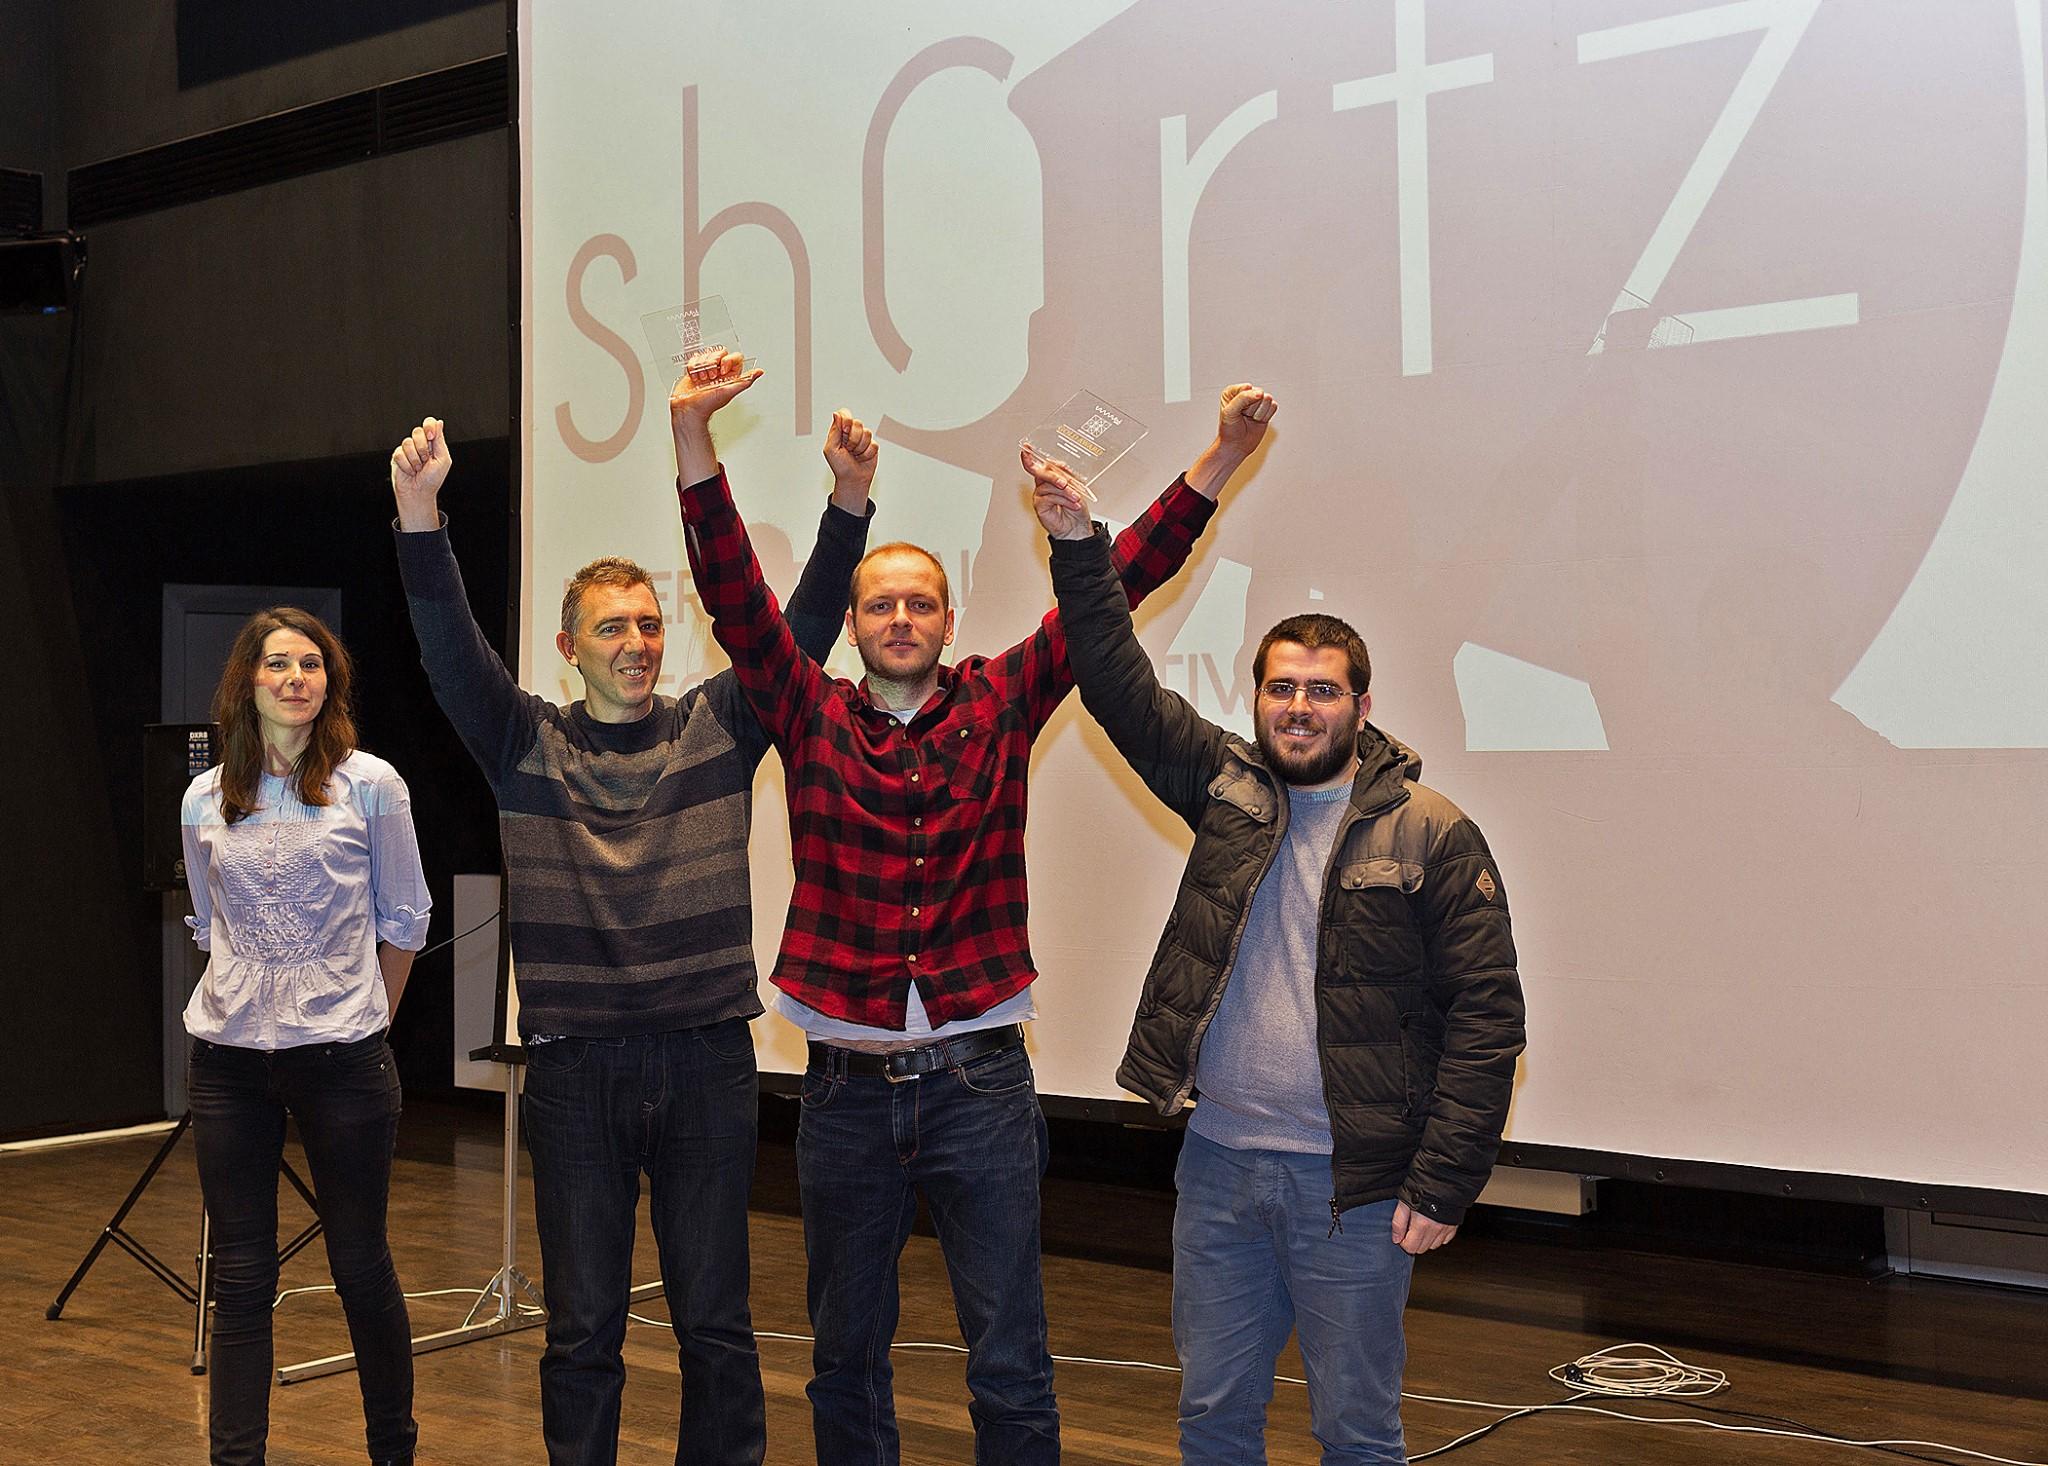 winners of the Shortz 2017